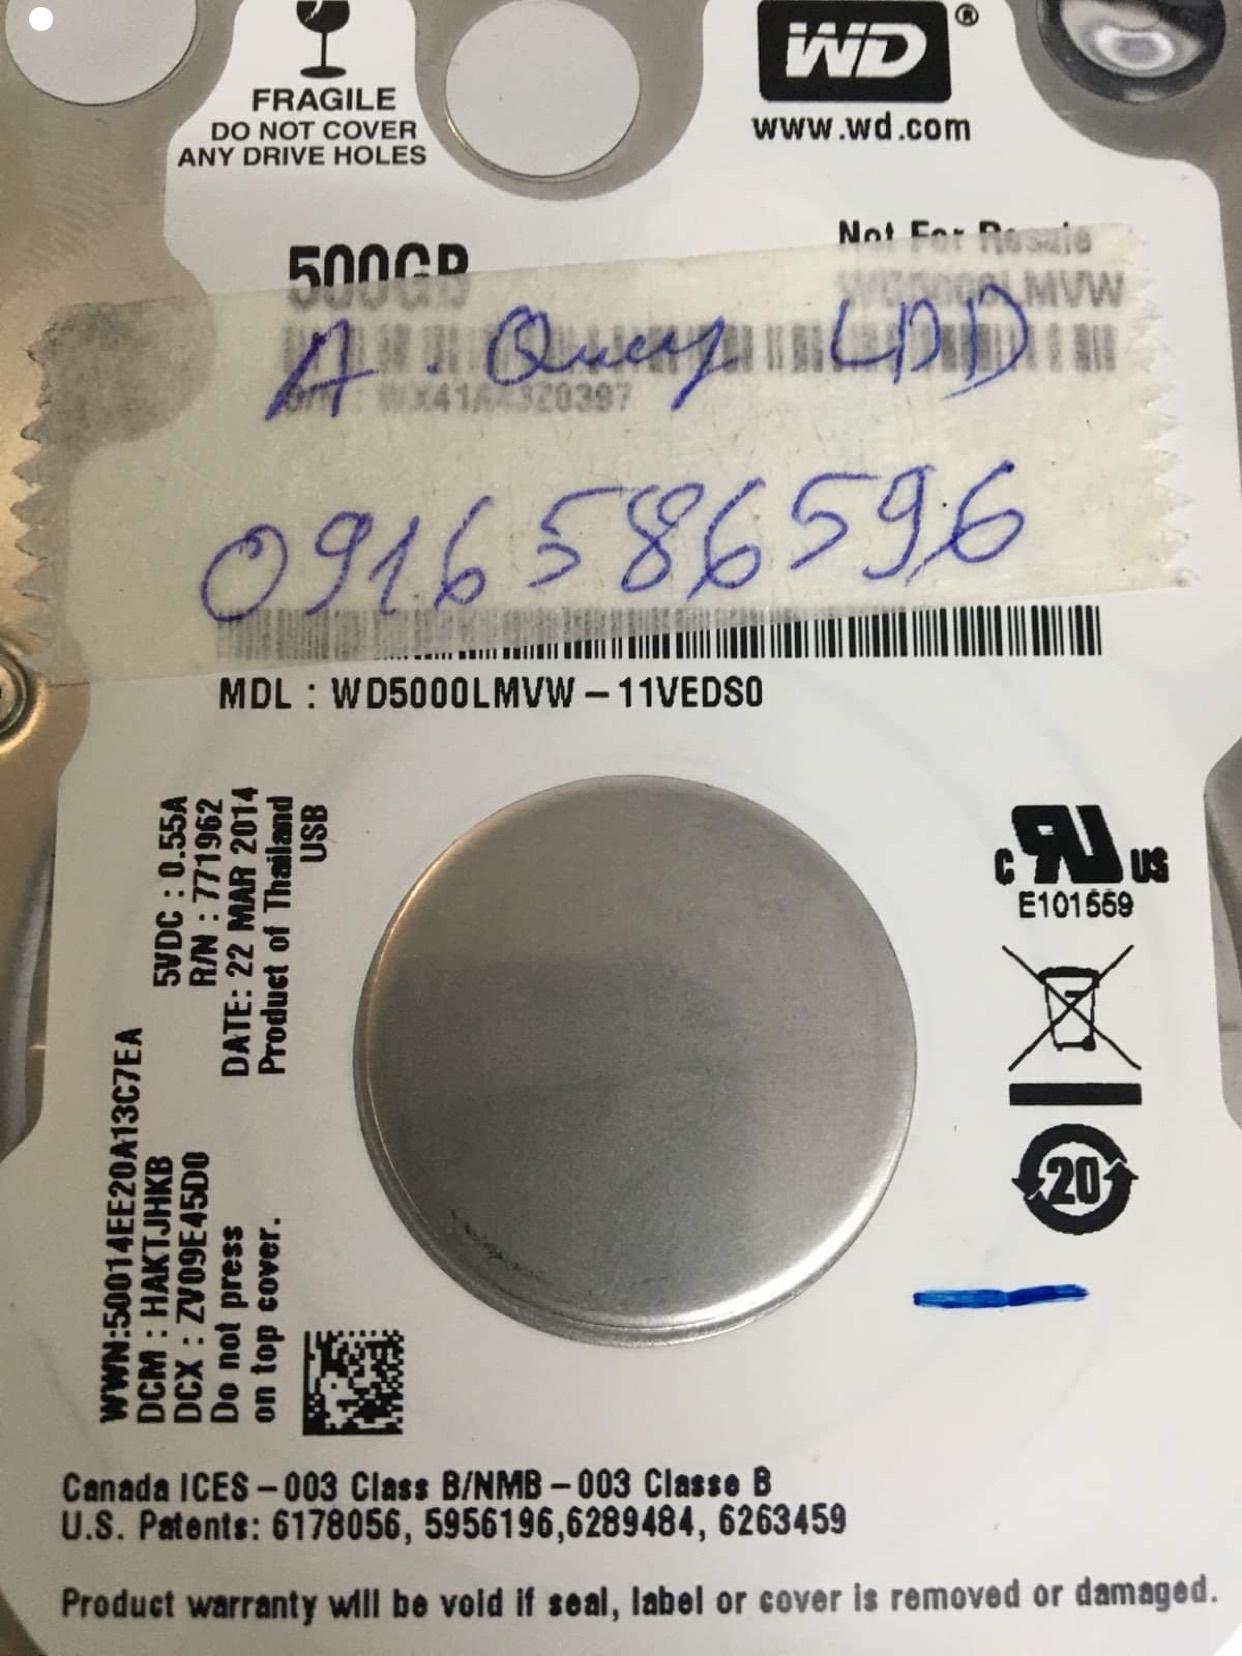 Cứu dữ liệu ổ cứng Western 500GB lỗi đầu đọc - 24/11/2020 - cuumaytinh